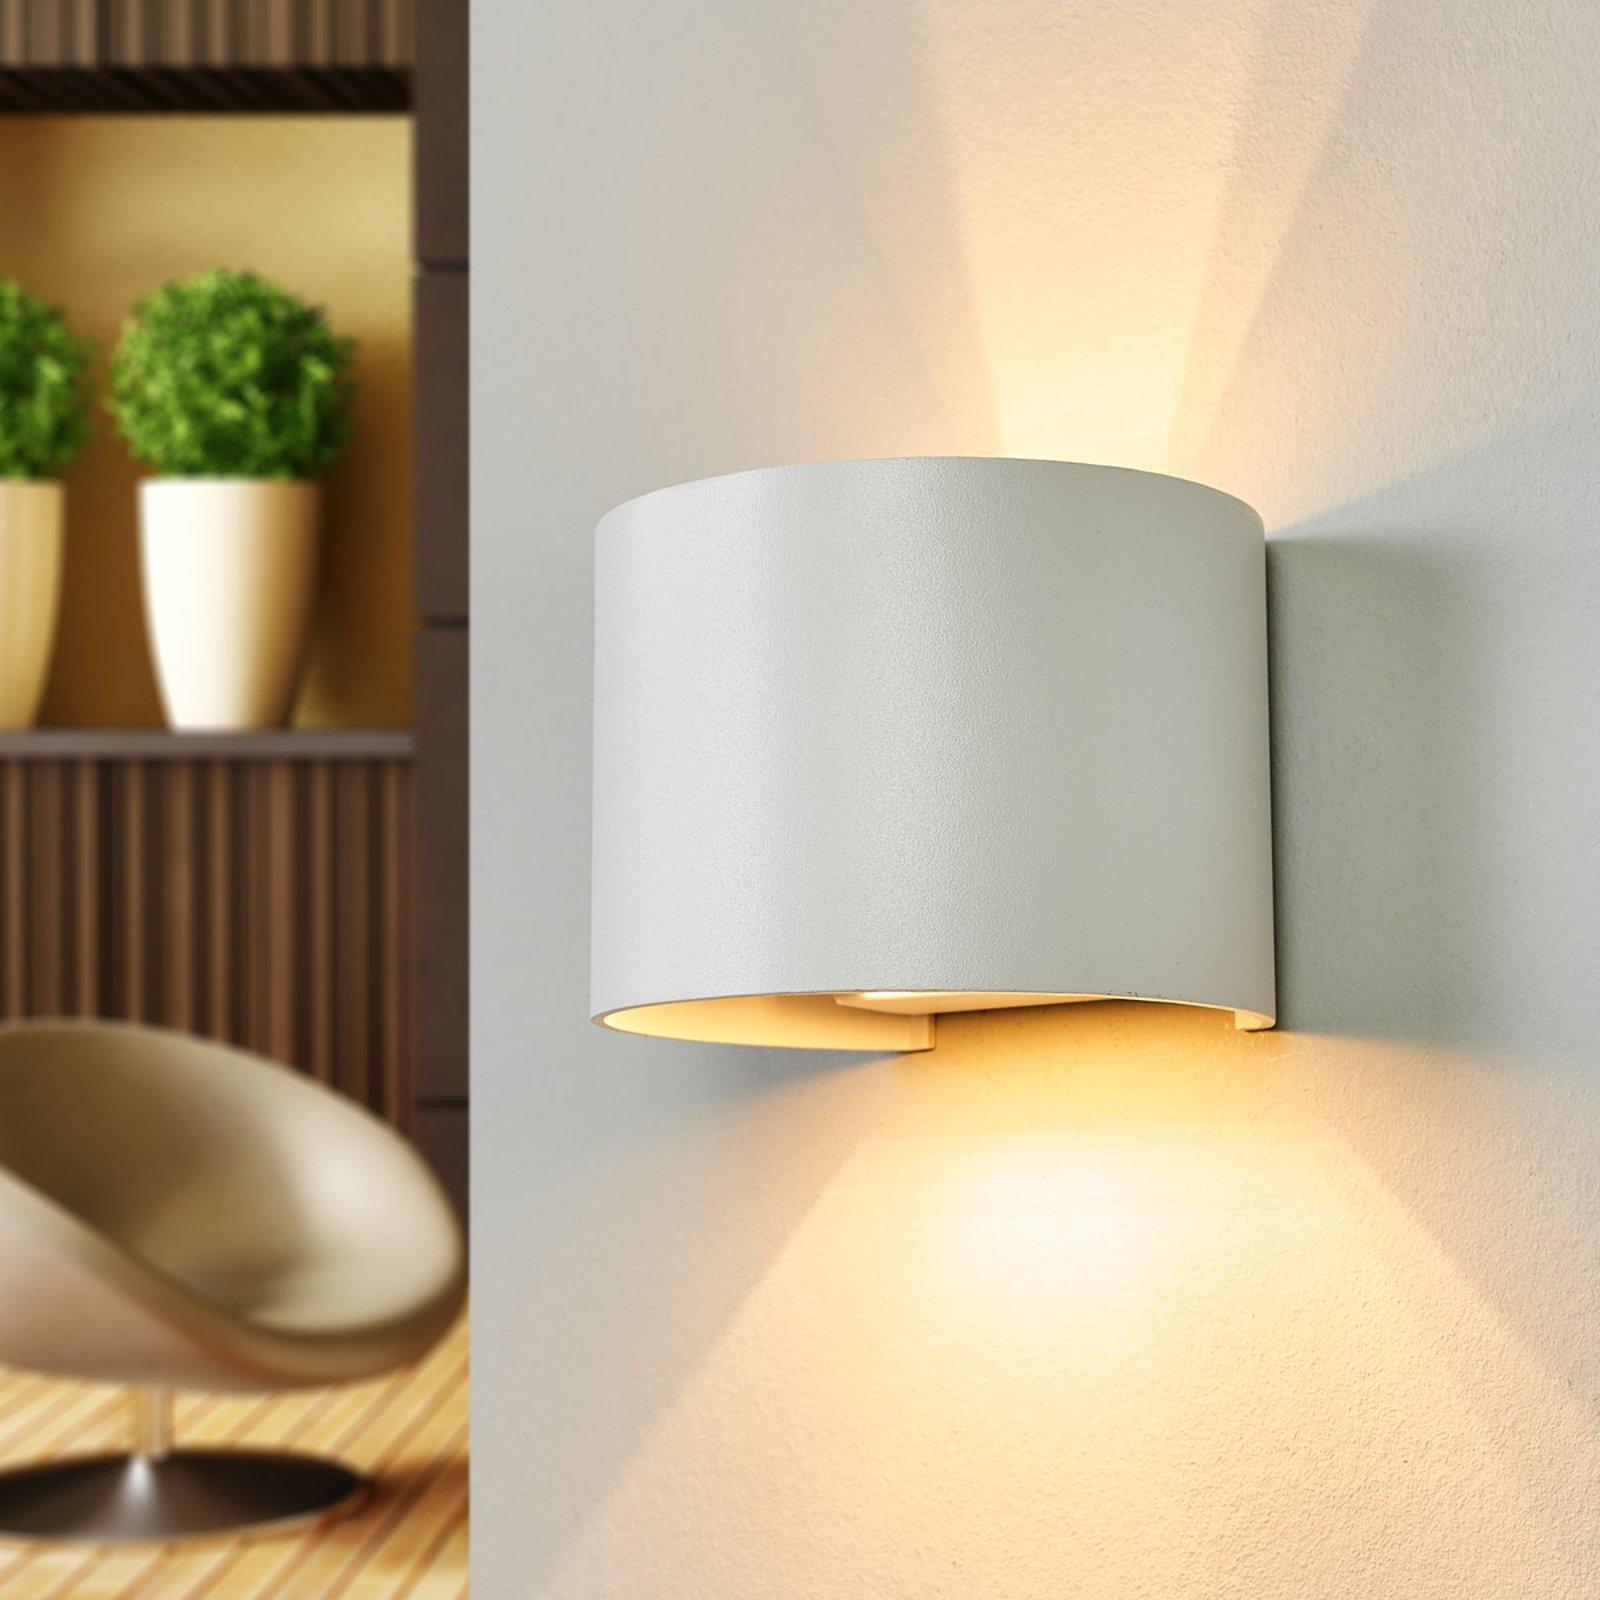 LED-vegglampe Xio, bredde 13 cm, hvit